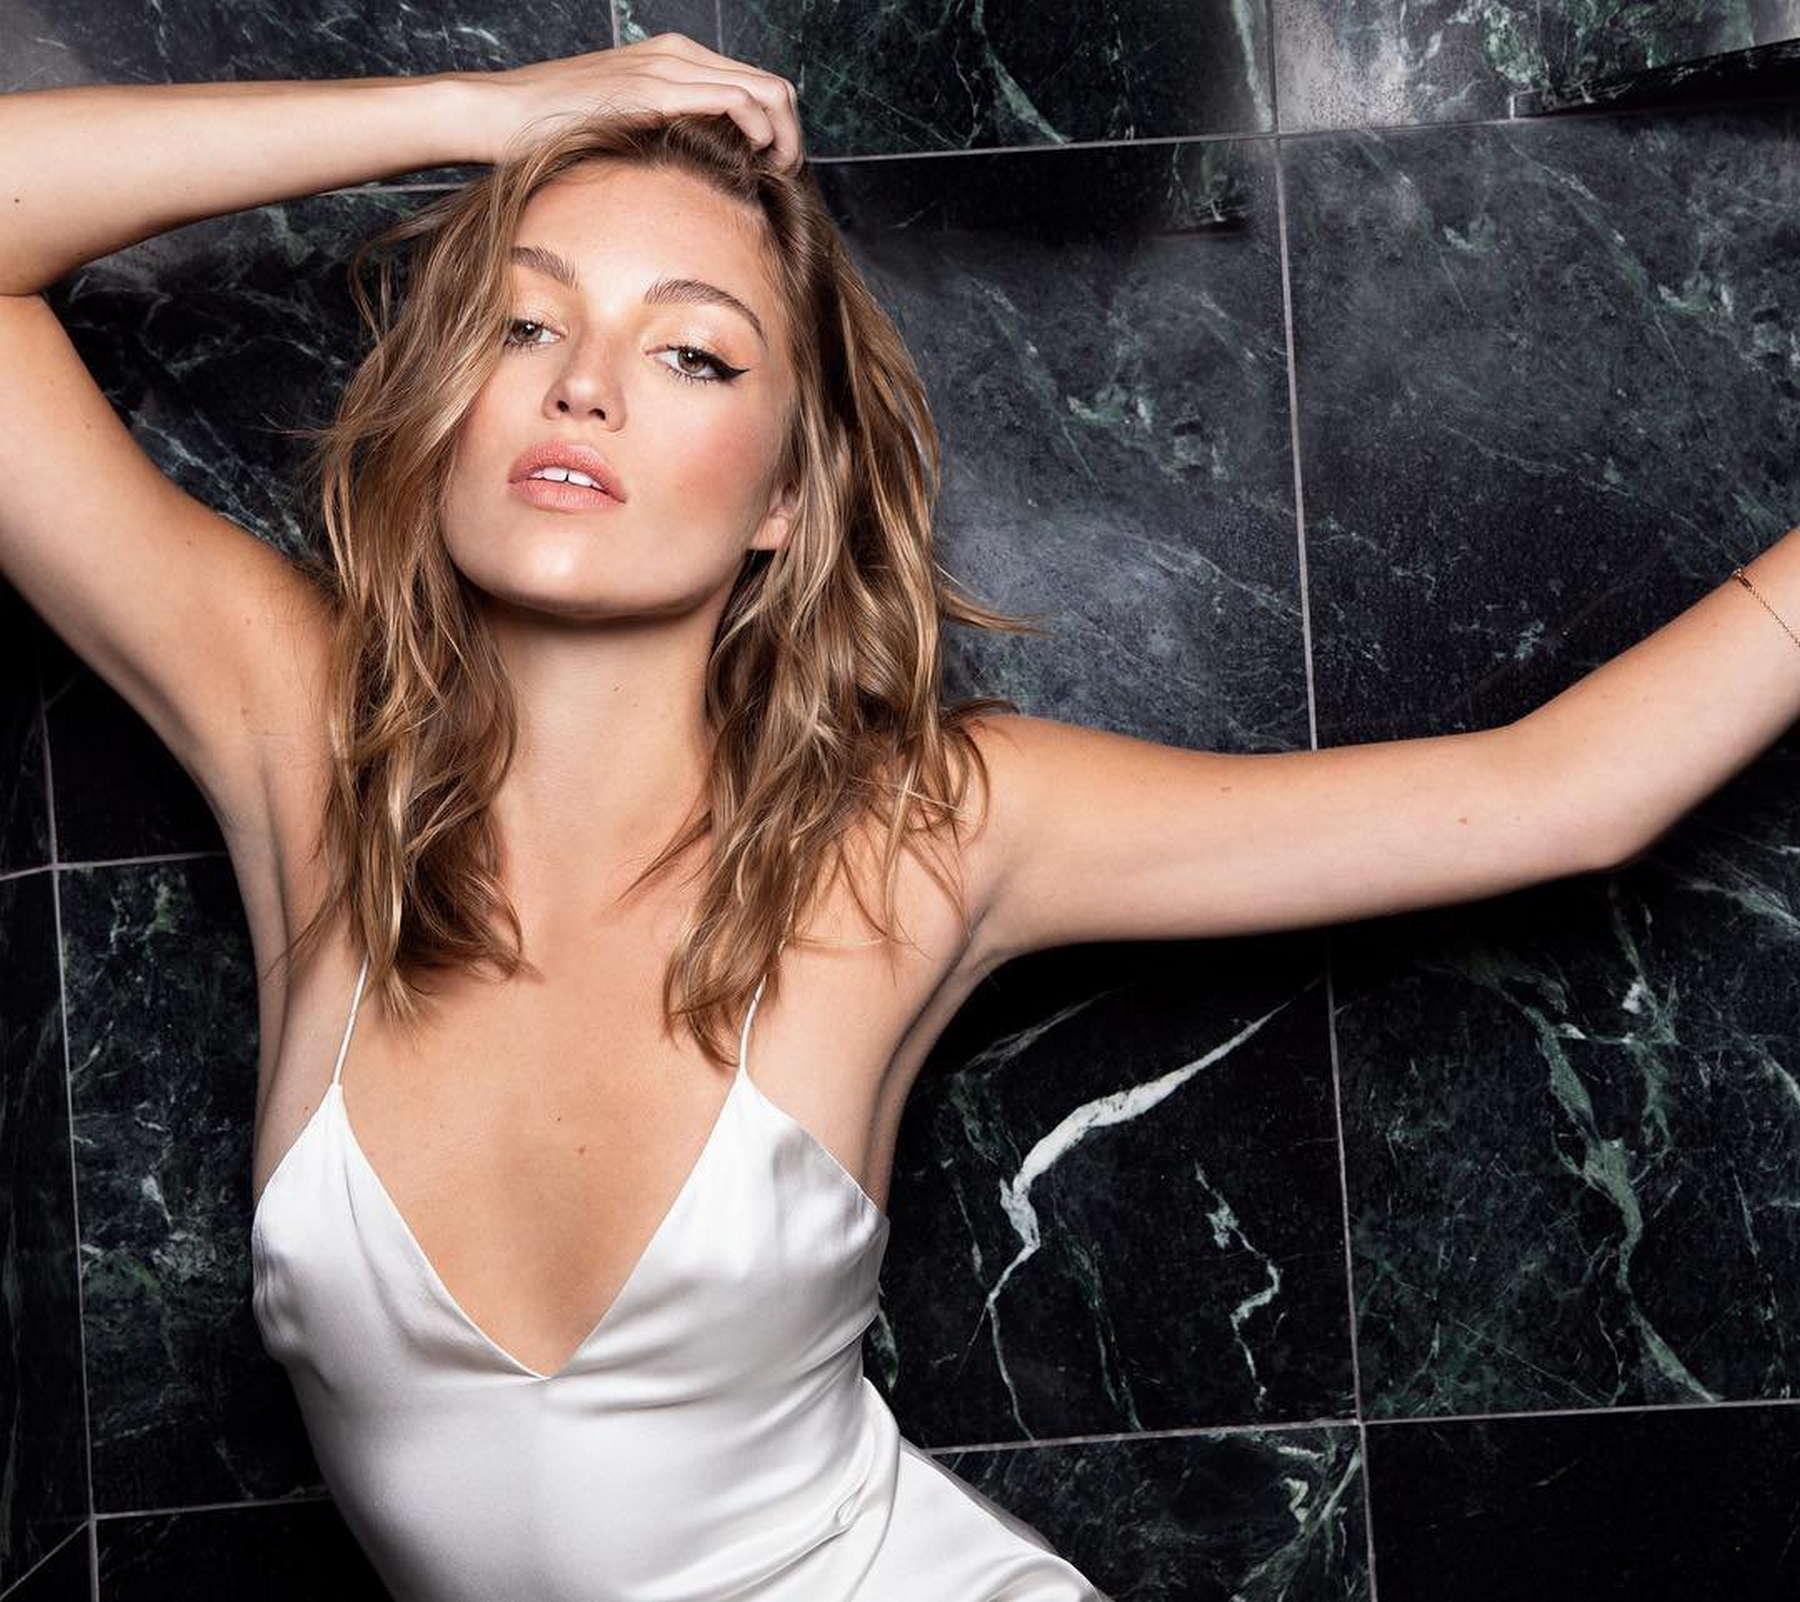 Lili-Simmons-–-Photoshoot-by-Tiziano-Lugli10.jpg